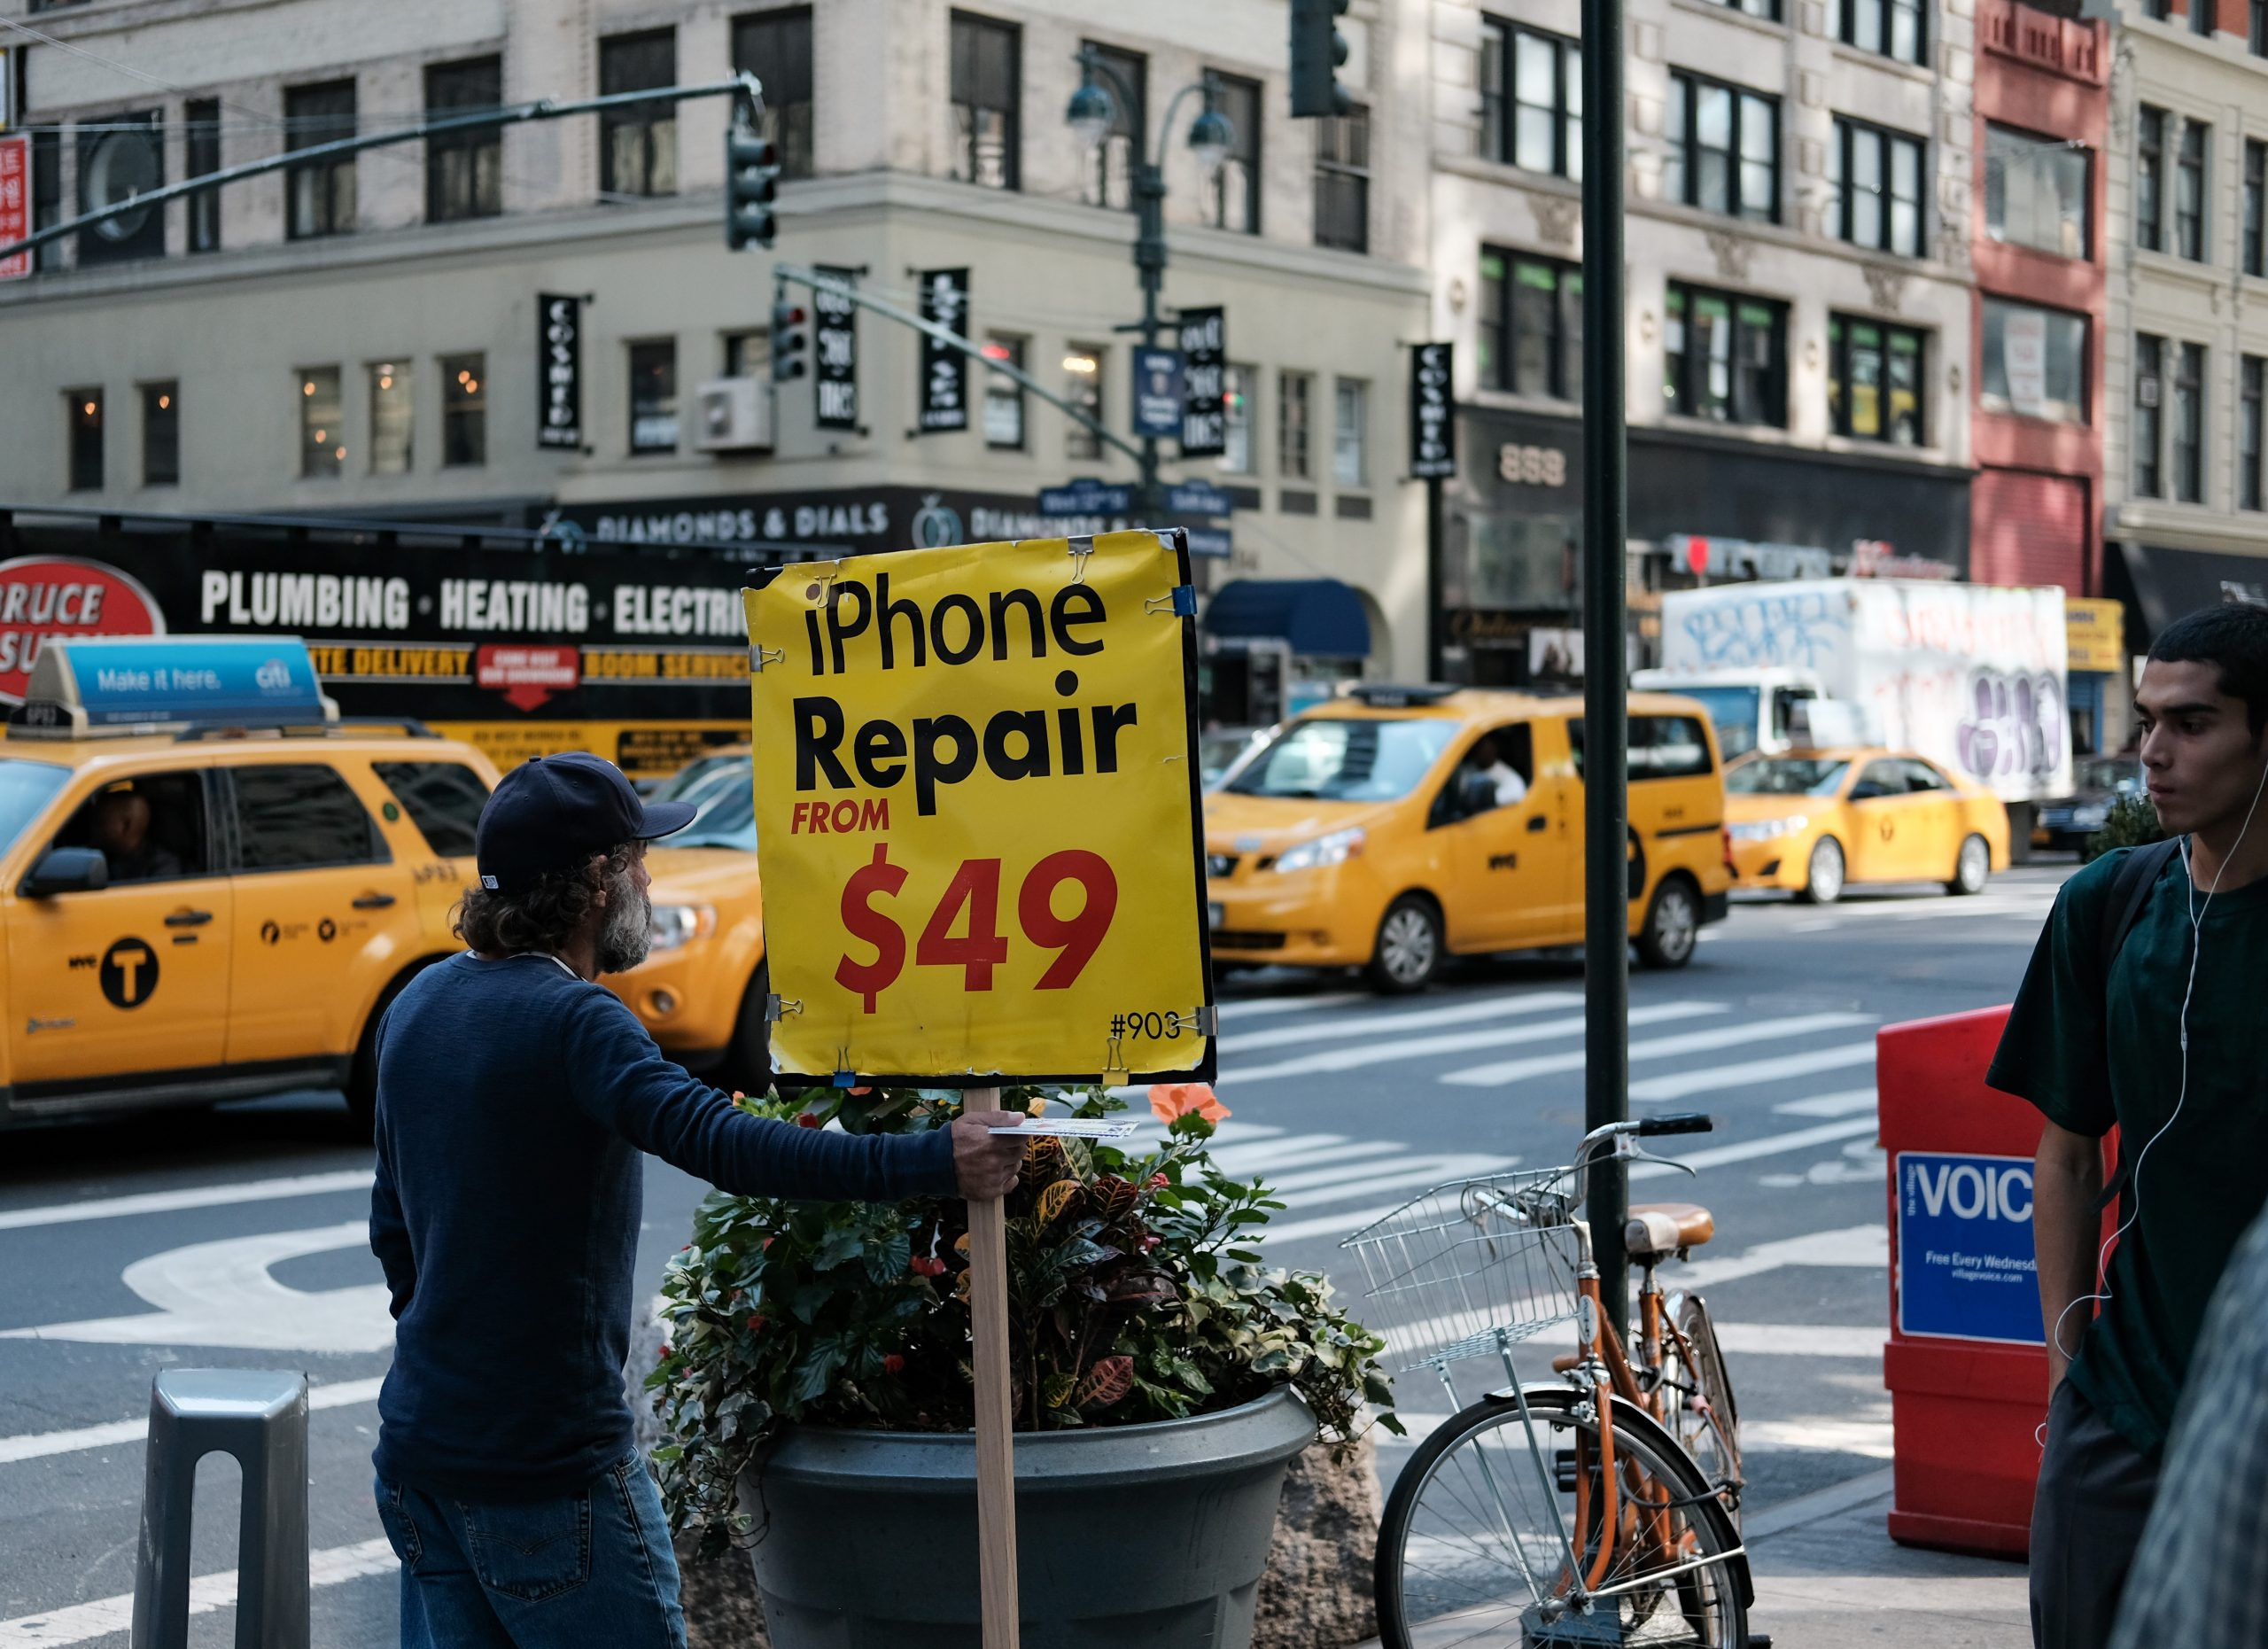 hoe duur is een iphone reparatie